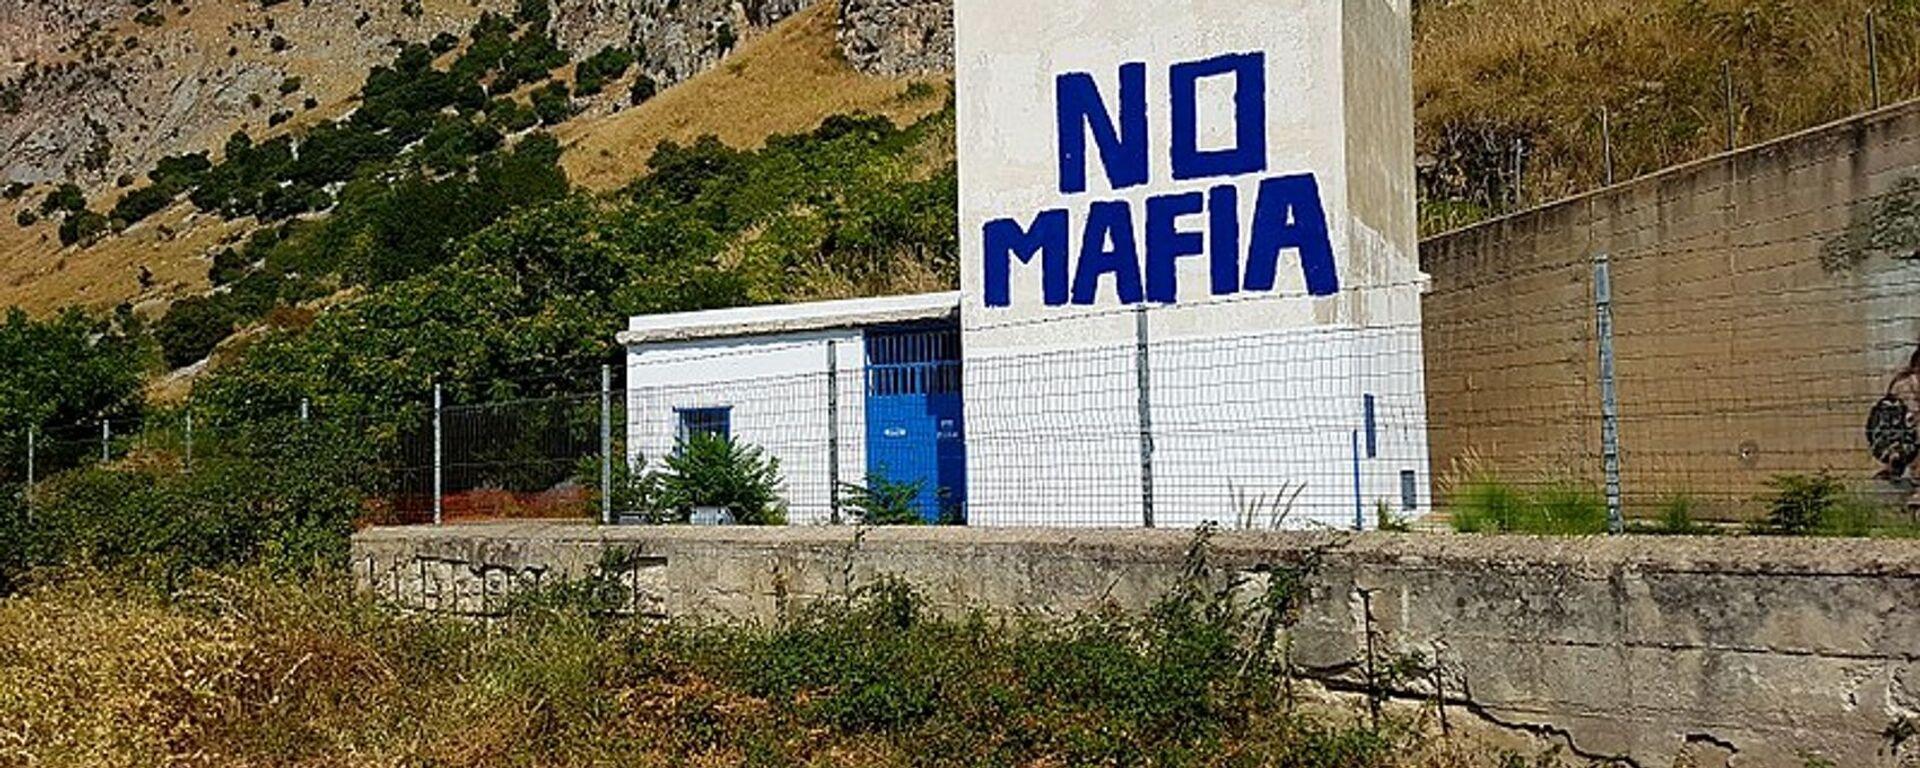 Un murales contro la mafia nel luogo dove il 23 maggio 1992 venne azionato l'ordigno che fece saltare in aria l'auto su cui viaggiava il giudice Giovanni Falcone  - Sputnik Italia, 1920, 27.11.2019